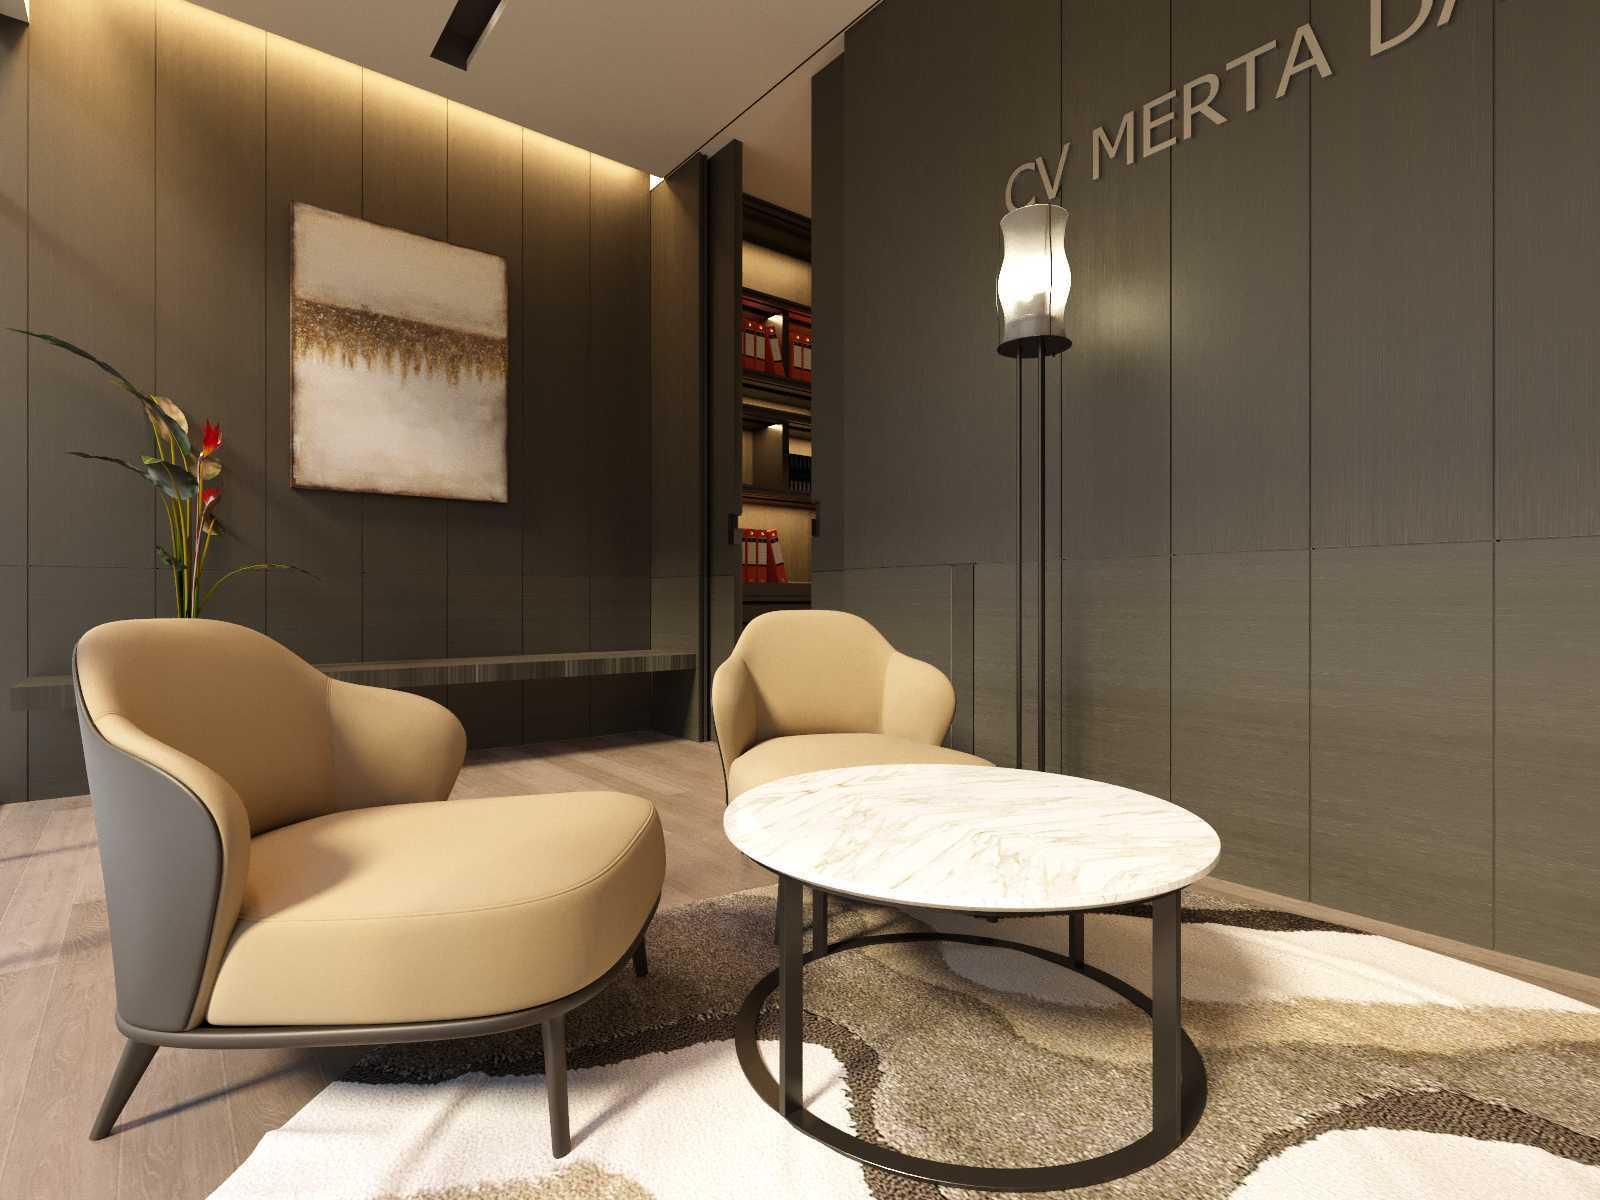 Mitrasasana - Design & Build Merta Dadi Jaya Office Bali, Indonesia Bali, Indonesia Mitrasasana-Design-Build-Merta-Dadi-Jaya-Office  70264